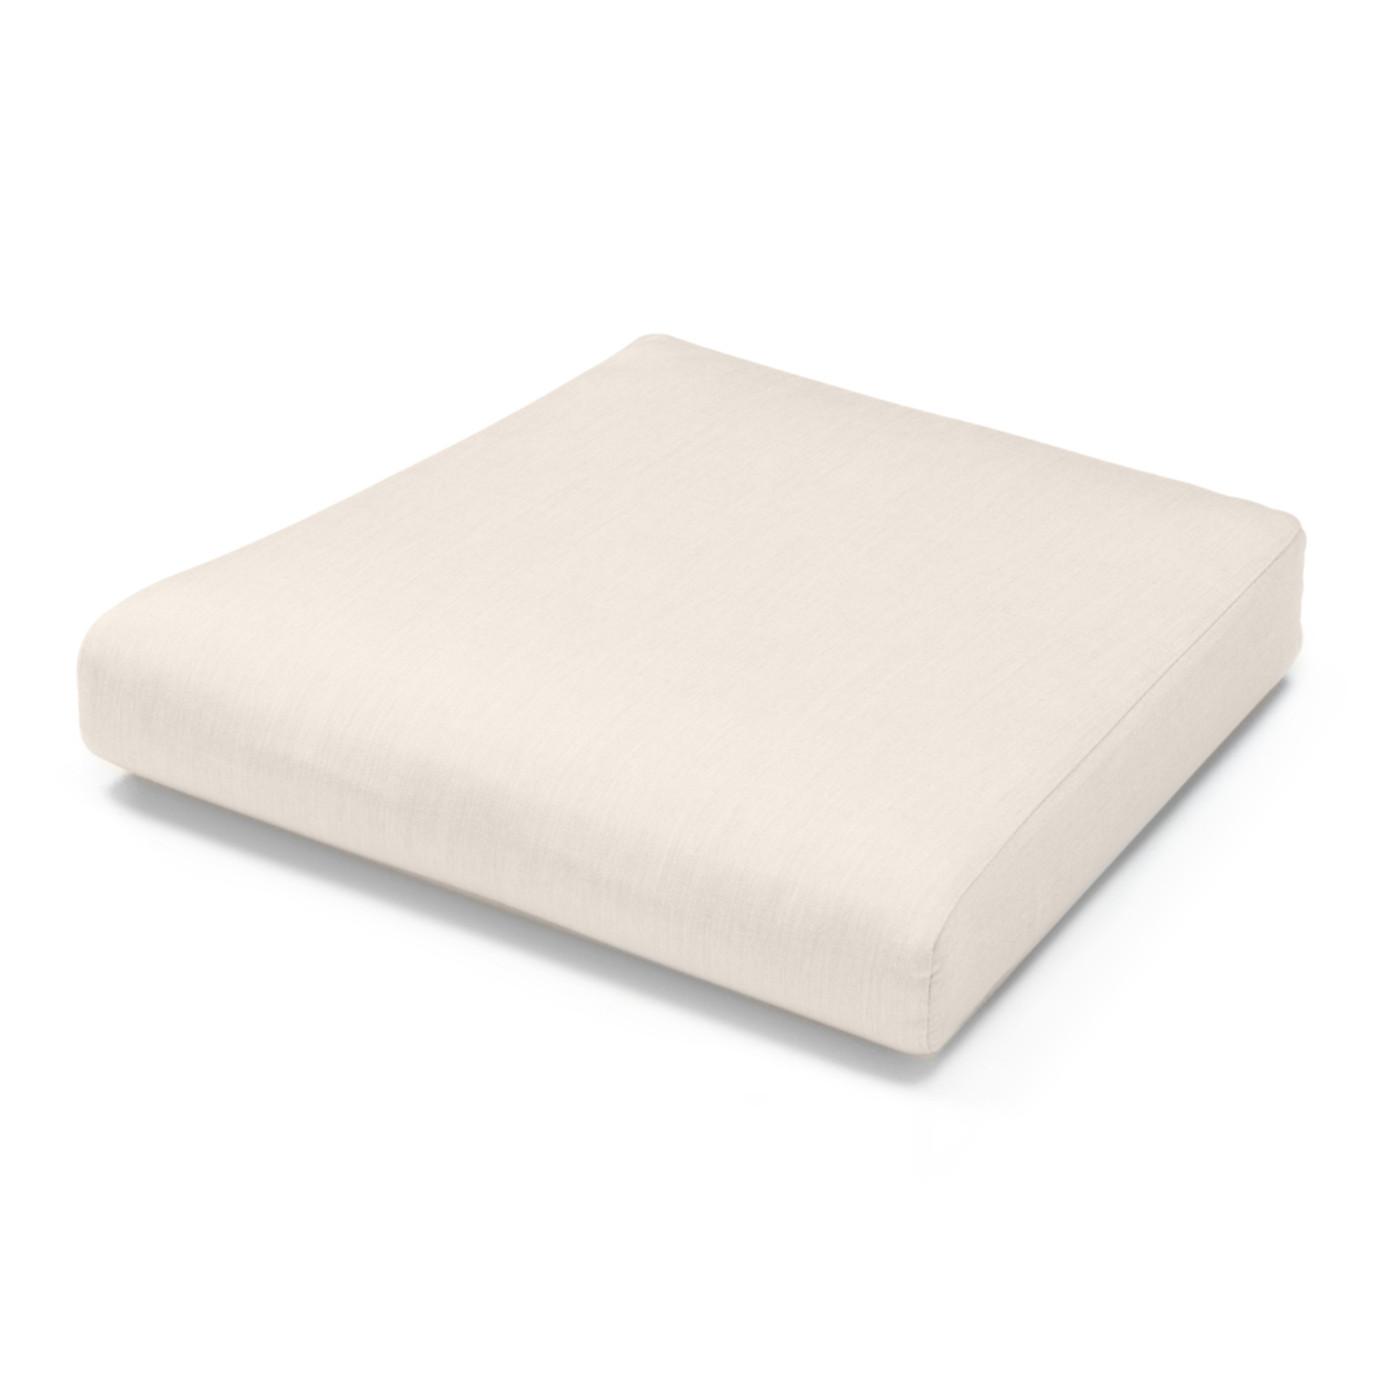 Portofino Sling Dining Cushion - Beige Fennel